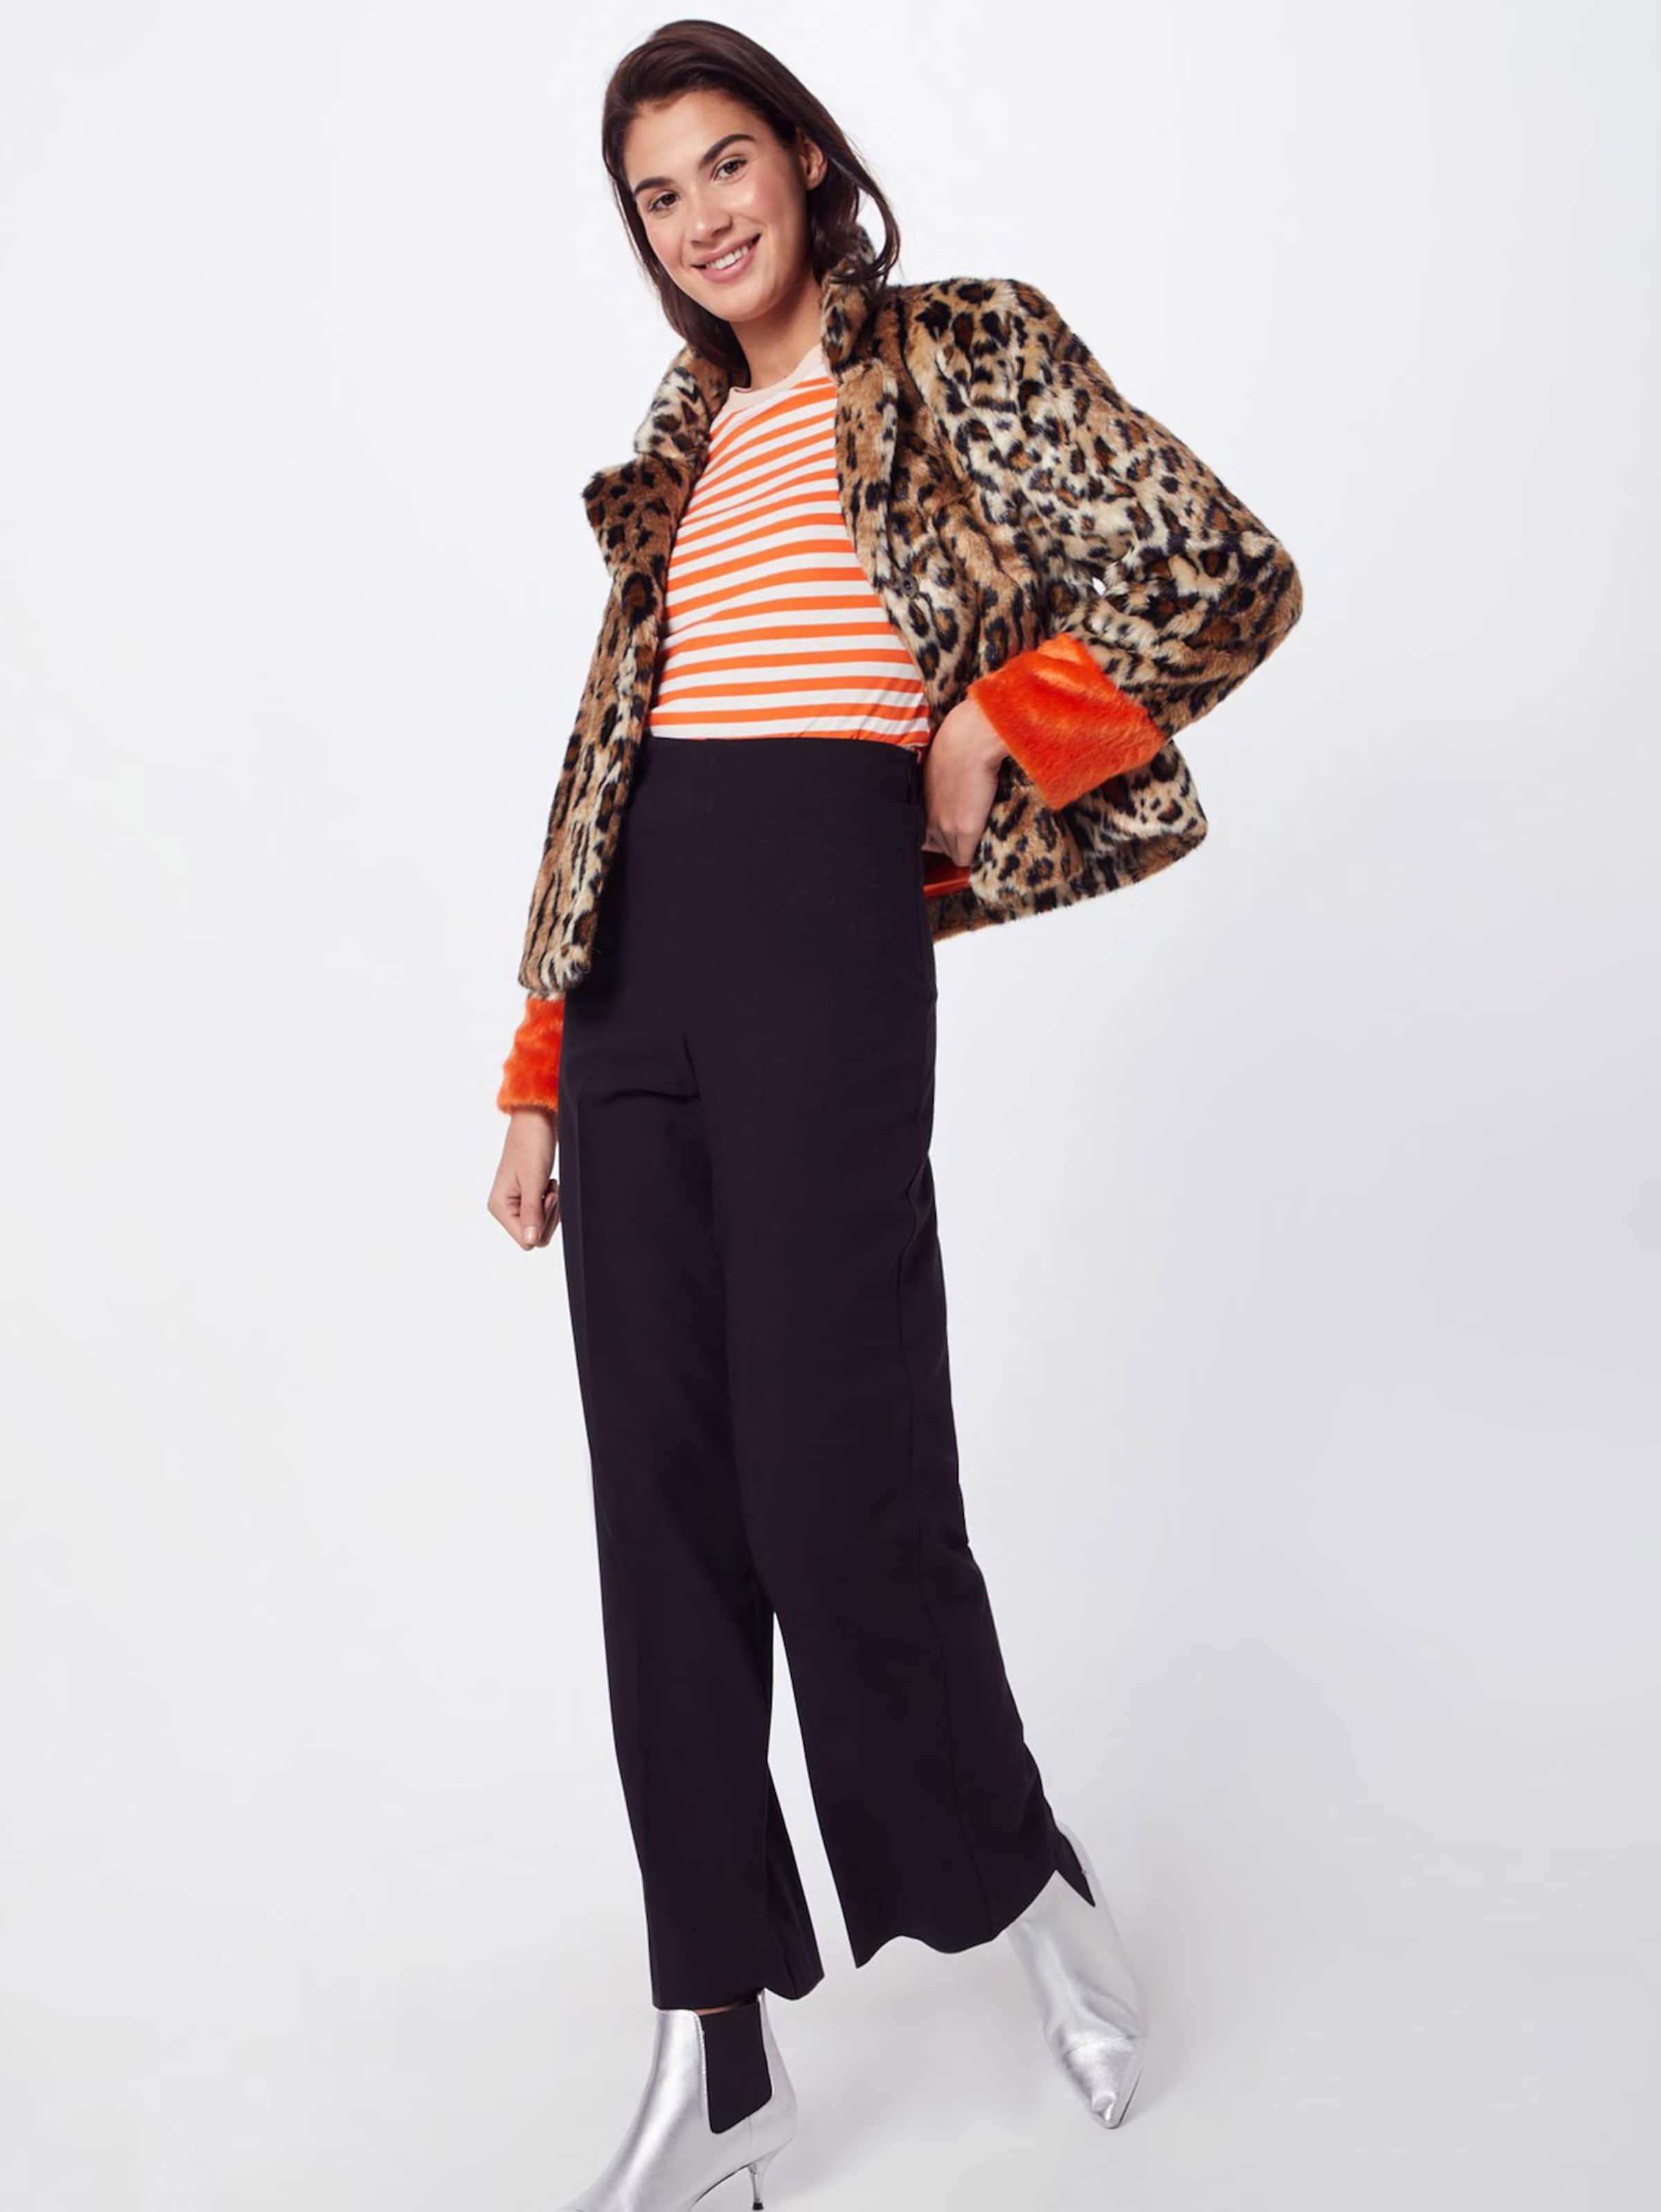 Geliebte Hochwertige Outfits online kaufen | ABOUT YOU @AU_09